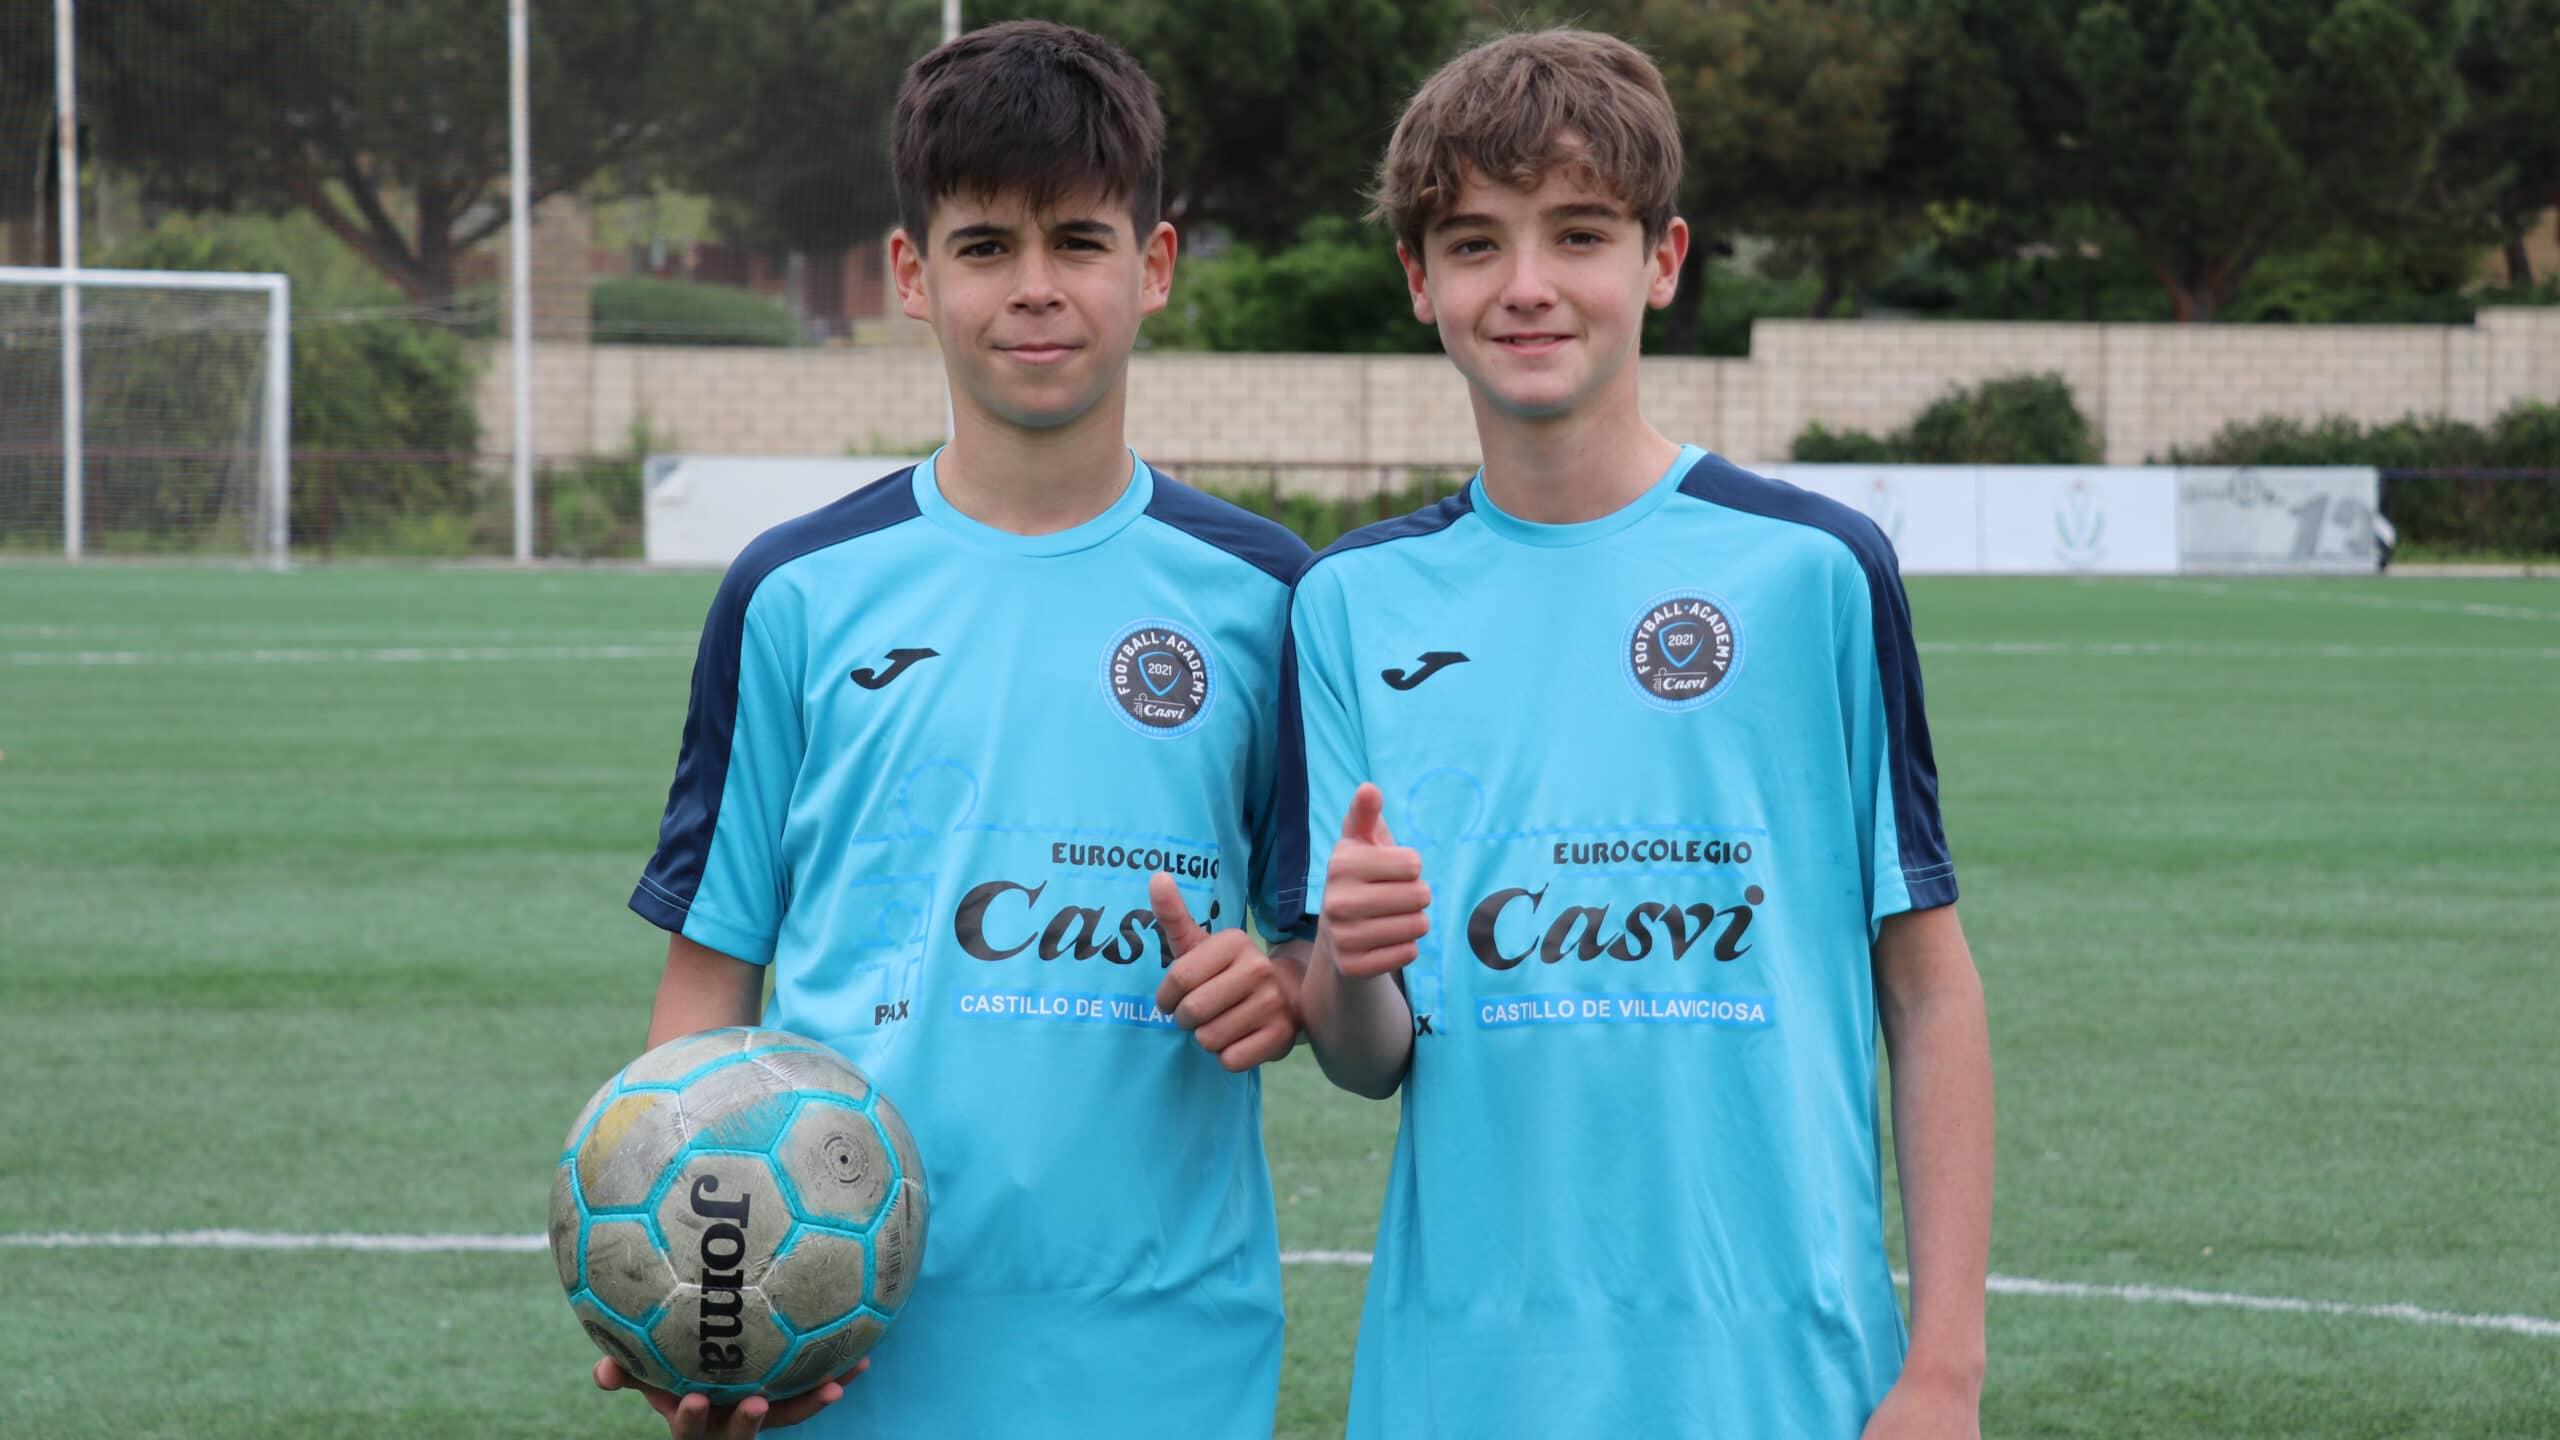 Frontal alumnos de la Escuela Profesional de Fútbol Casvi Football Academy